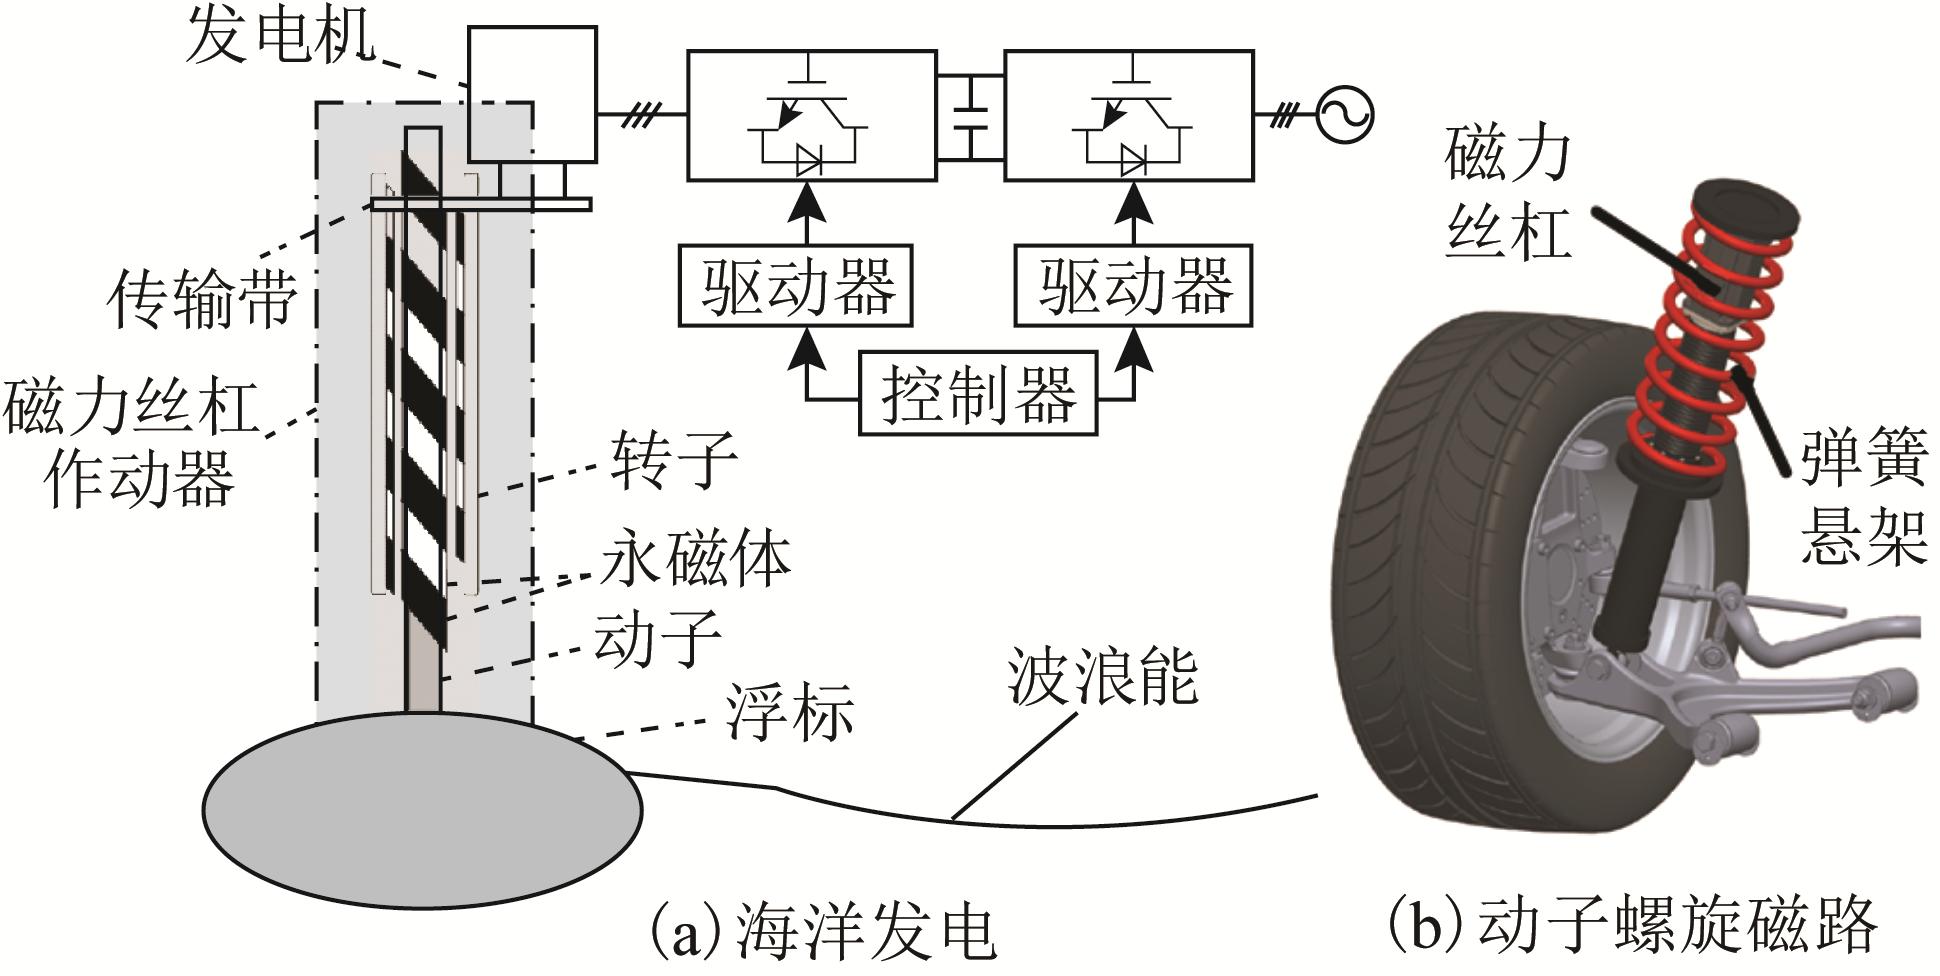 高推力永磁直线作动器的应用领域及科研方向